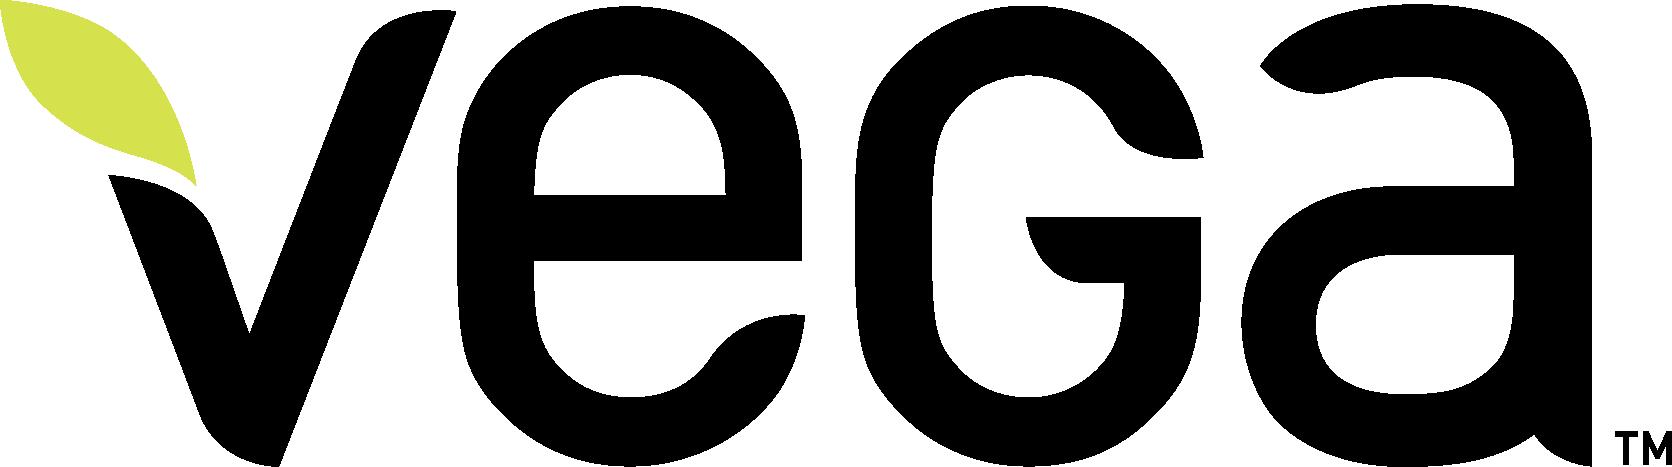 vega_logo